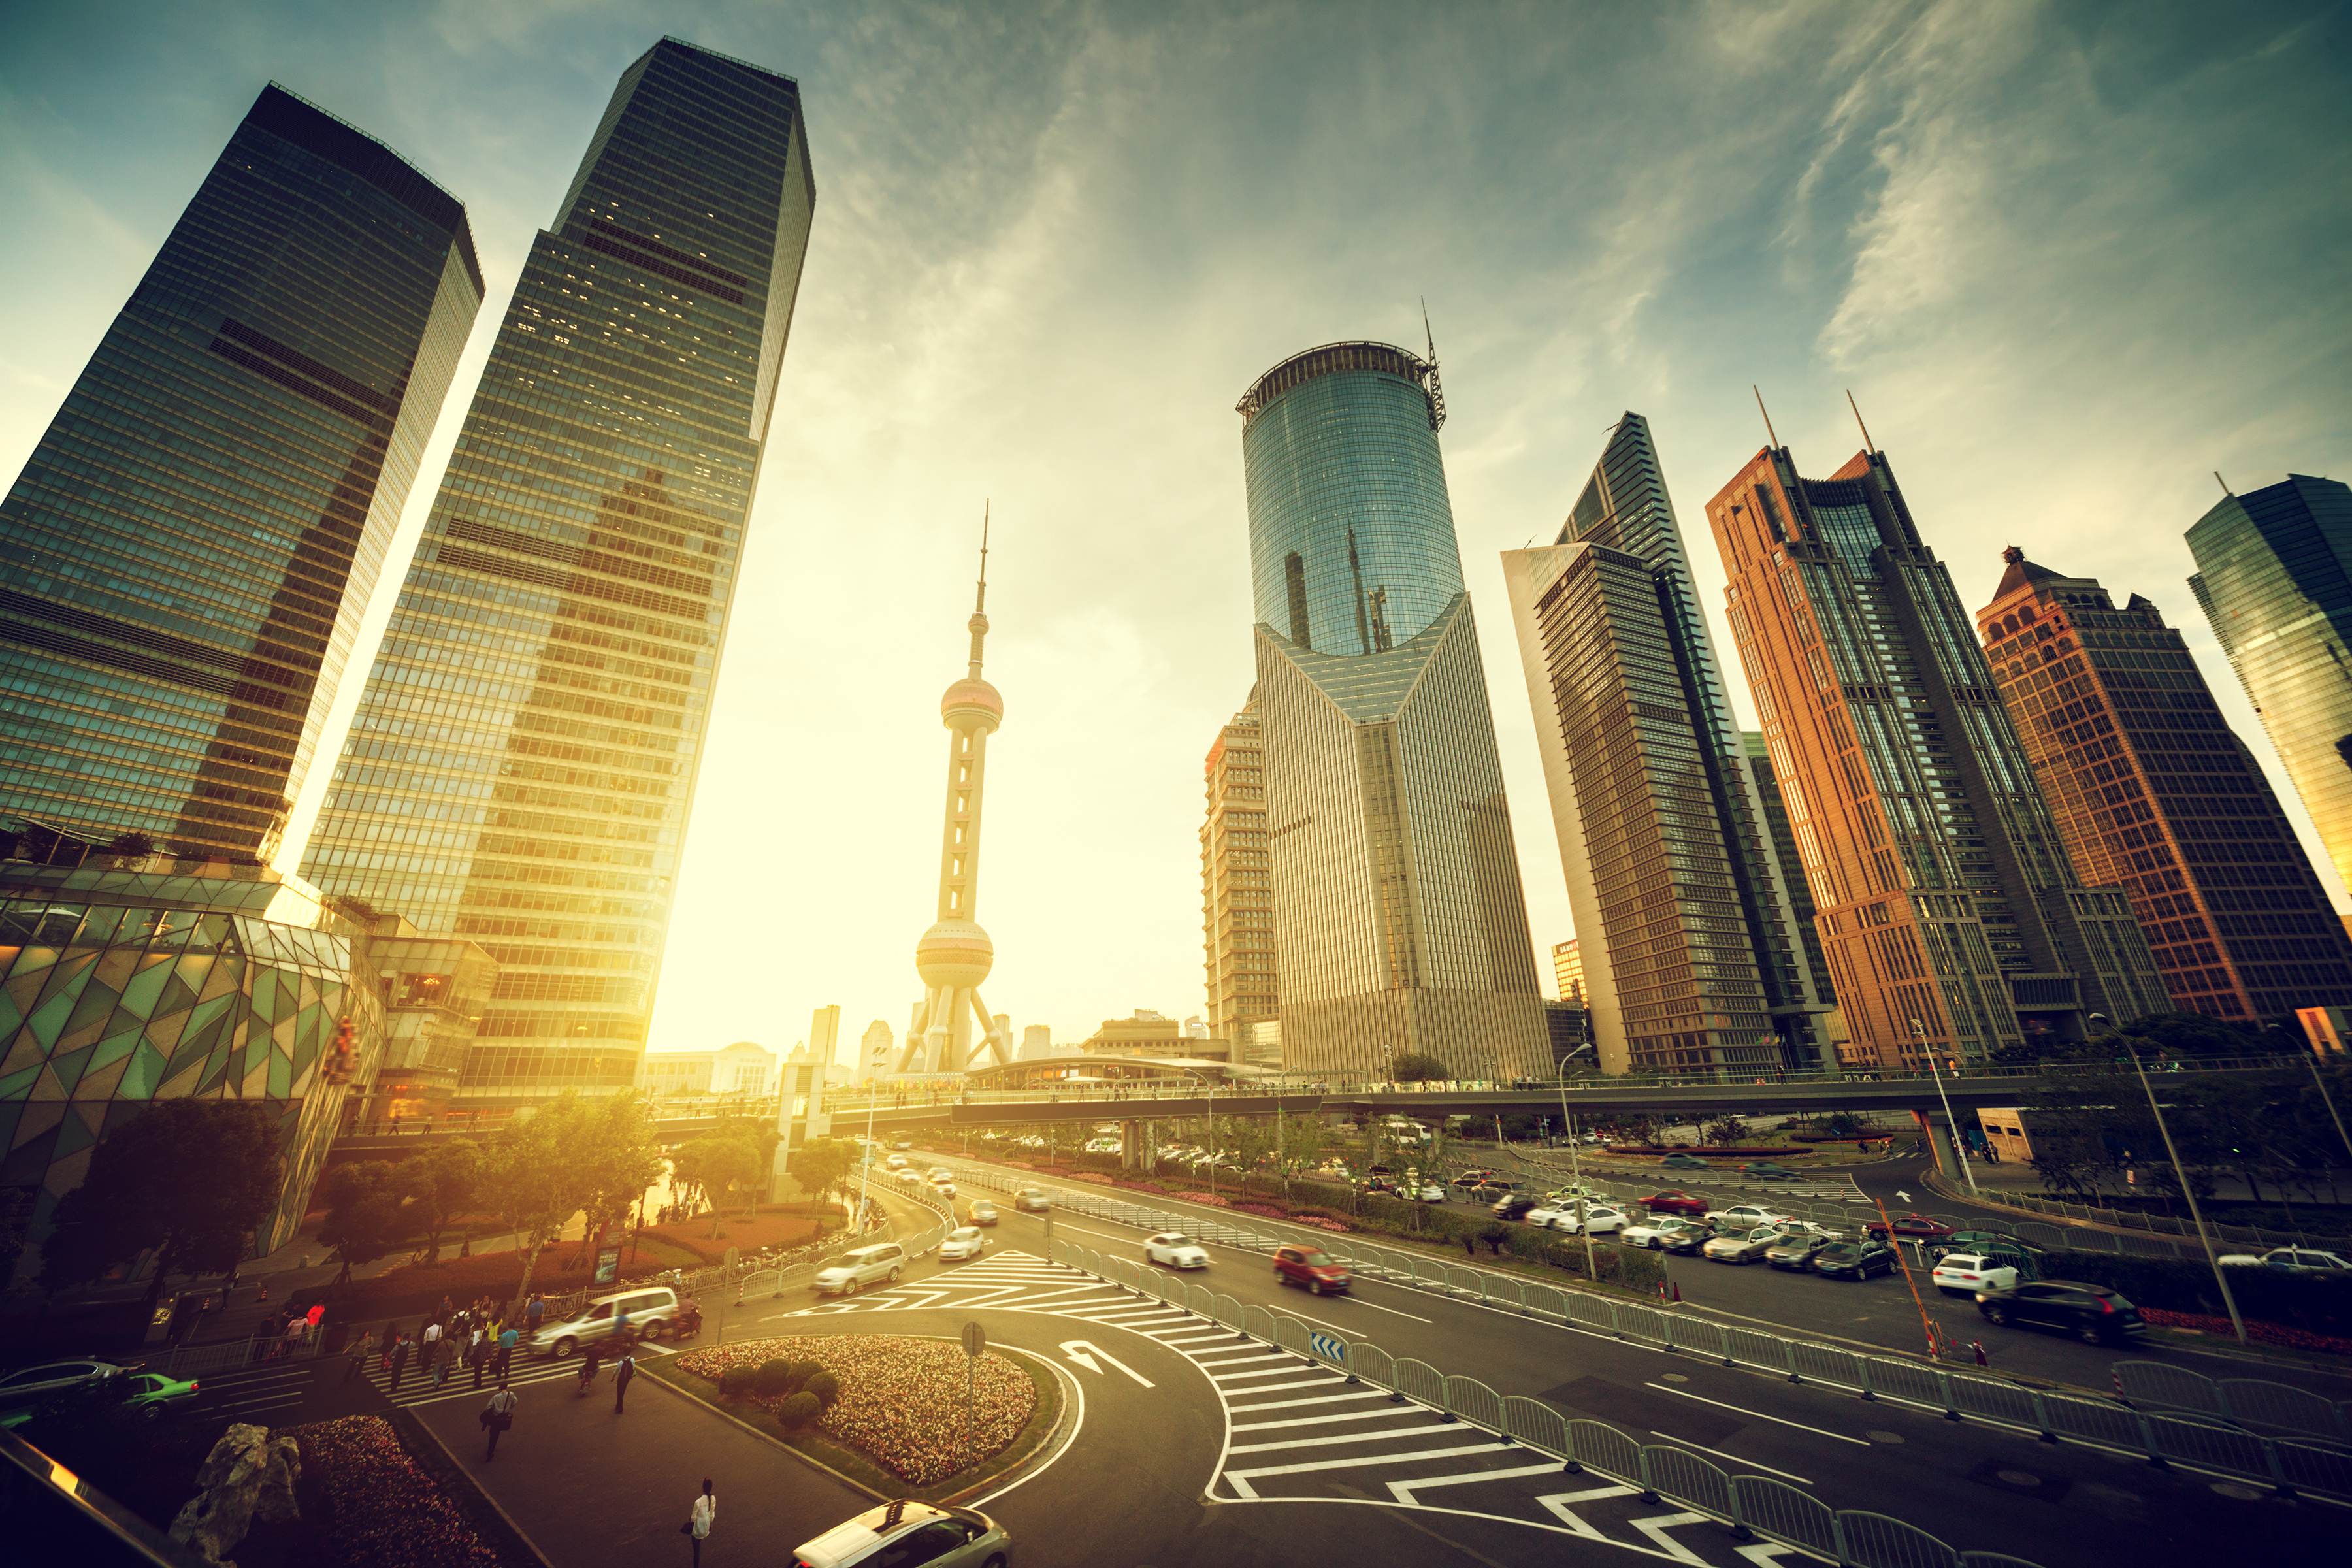 Čína plánuje výrobu elektromobilů za účelem snížení znečištění ovzduší